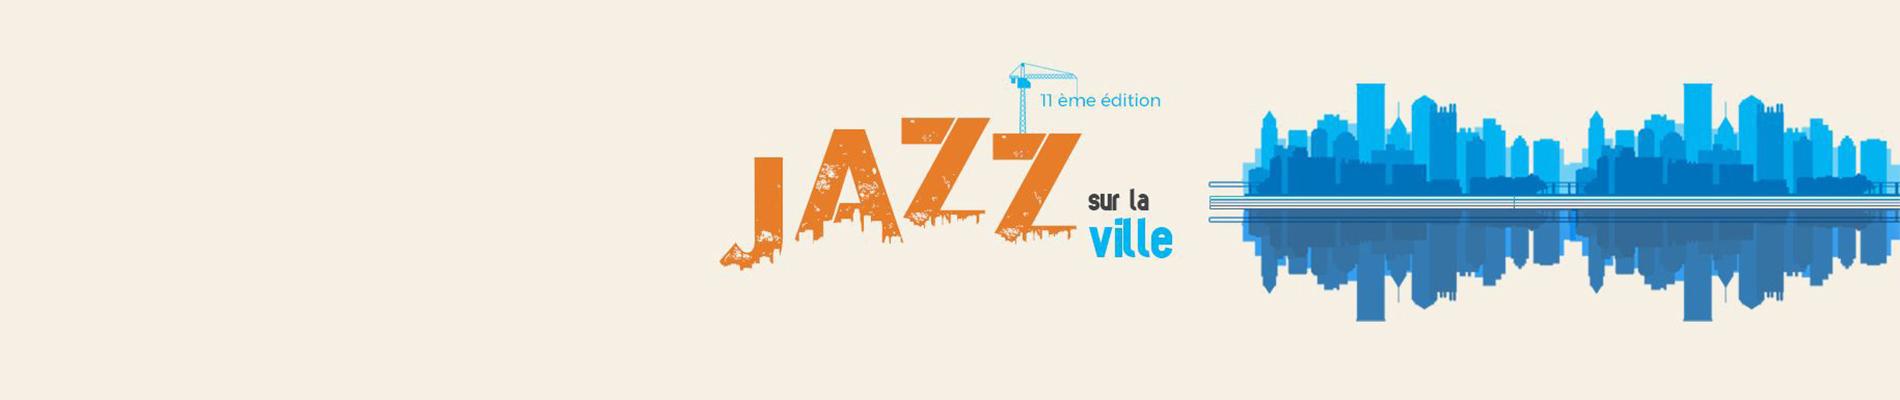 jazz-sur-la-ville